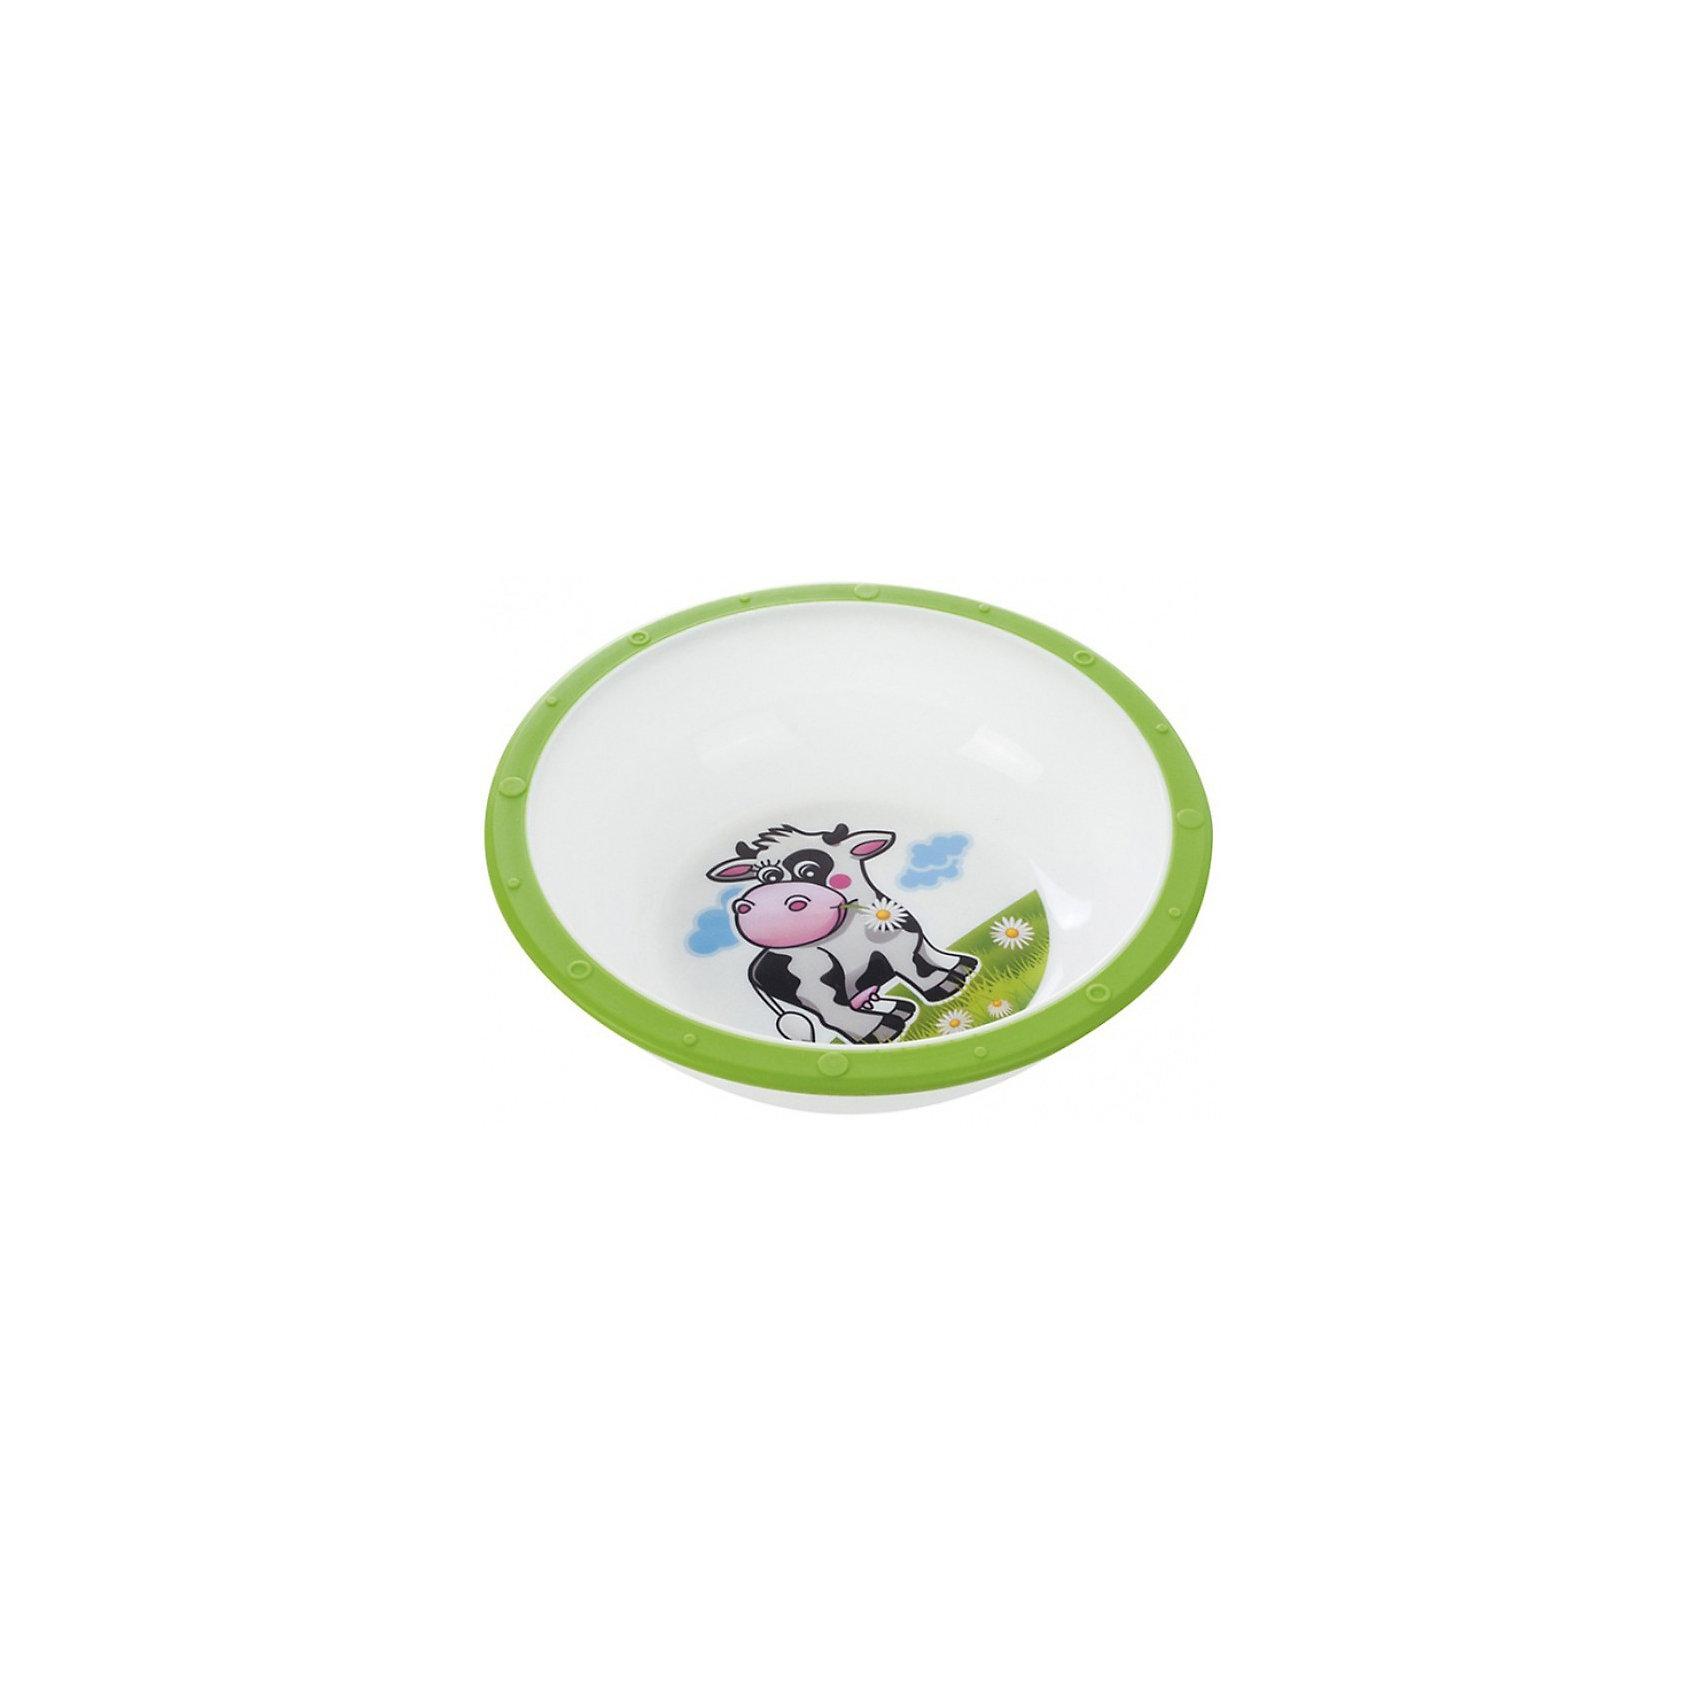 Тарелка Коровка, 270 мл., Canpol Babies, зелёныйТарелка Canpol Babies с яркими забавными рисунками станет любимой посудой Вашего ребенка. Тарелка имеет удобную эргономичную форму и безопасные закругленные края. Антискользящее дно с присоской защищает тарелку от скольжения и опрокидывания. <br>Яркая привлекательная посуда с симпатичными персонажами поможет ребенку быстрее освоить навыки самостоятельного питания. Тарелку можно использовать в микроволновой печи и посудомоечной машине.<br>Дополнительная информация:<br>- Материал: пластик.<br>- Объем: 270 мл.<br>- Размер упаковки: 16 х 16 х 5,5 см.<br>- Вес: 73 гр.<br>Тарелку Canpol Babies можно купить в нашем интернет-магазине.<br><br>Ширина мм: 55<br>Глубина мм: 55<br>Высота мм: 160<br>Вес г: 73<br>Возраст от месяцев: 9<br>Возраст до месяцев: 36<br>Пол: Унисекс<br>Возраст: Детский<br>SKU: 3921601